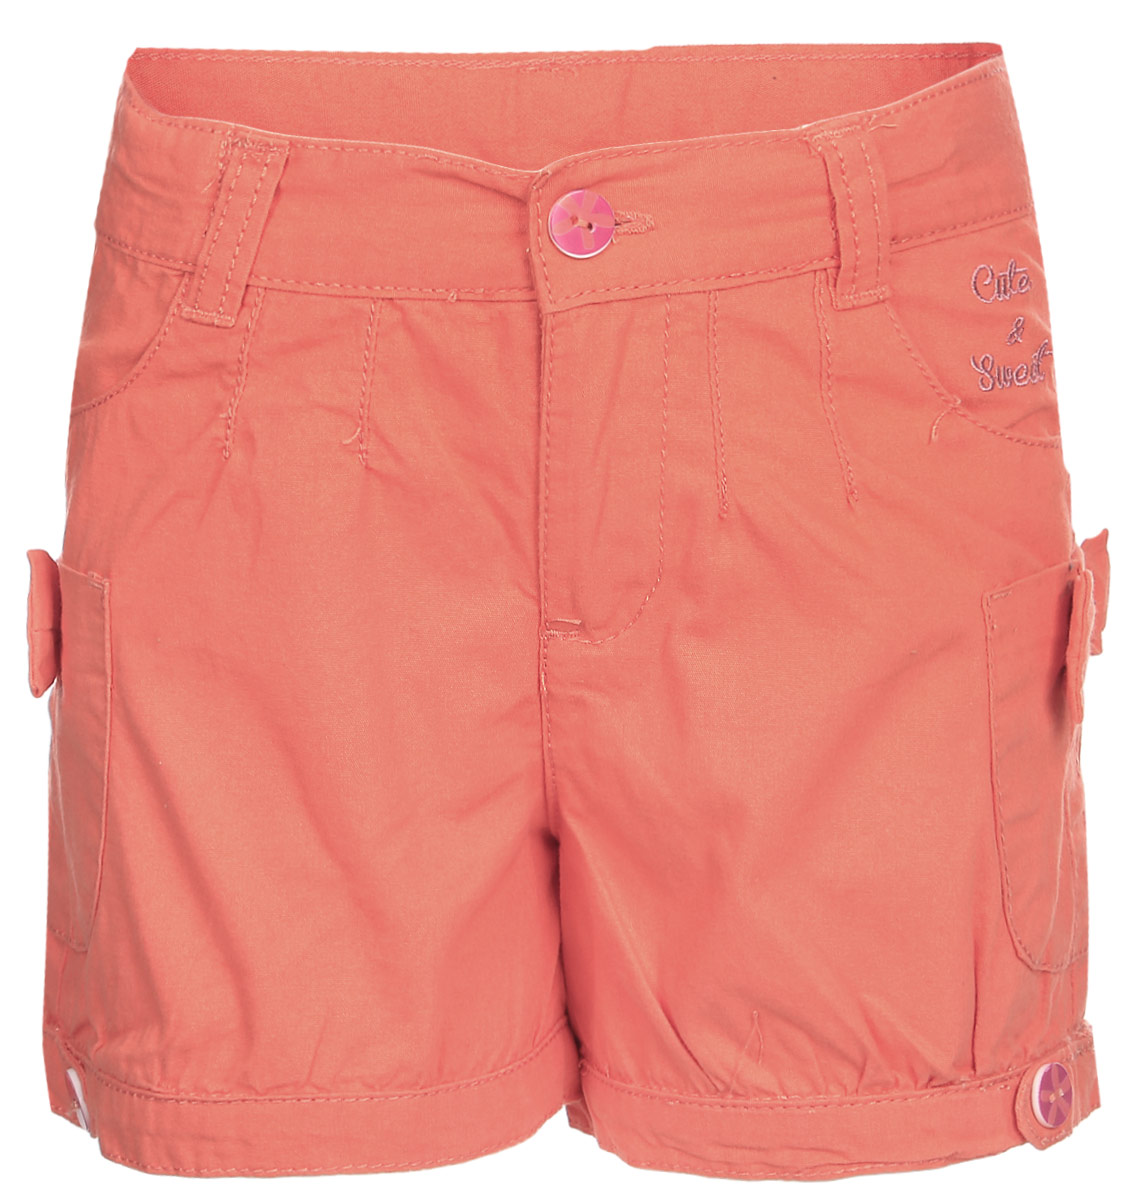 Шорты для девочки Cherubino, цвет: розовый. CK 7T019. Размер 92CK 7T019Шорты для девочки Cherubino из хлопкового текстиля, с карманами. Декорированы пуговицами, вышивкой и бантиками.